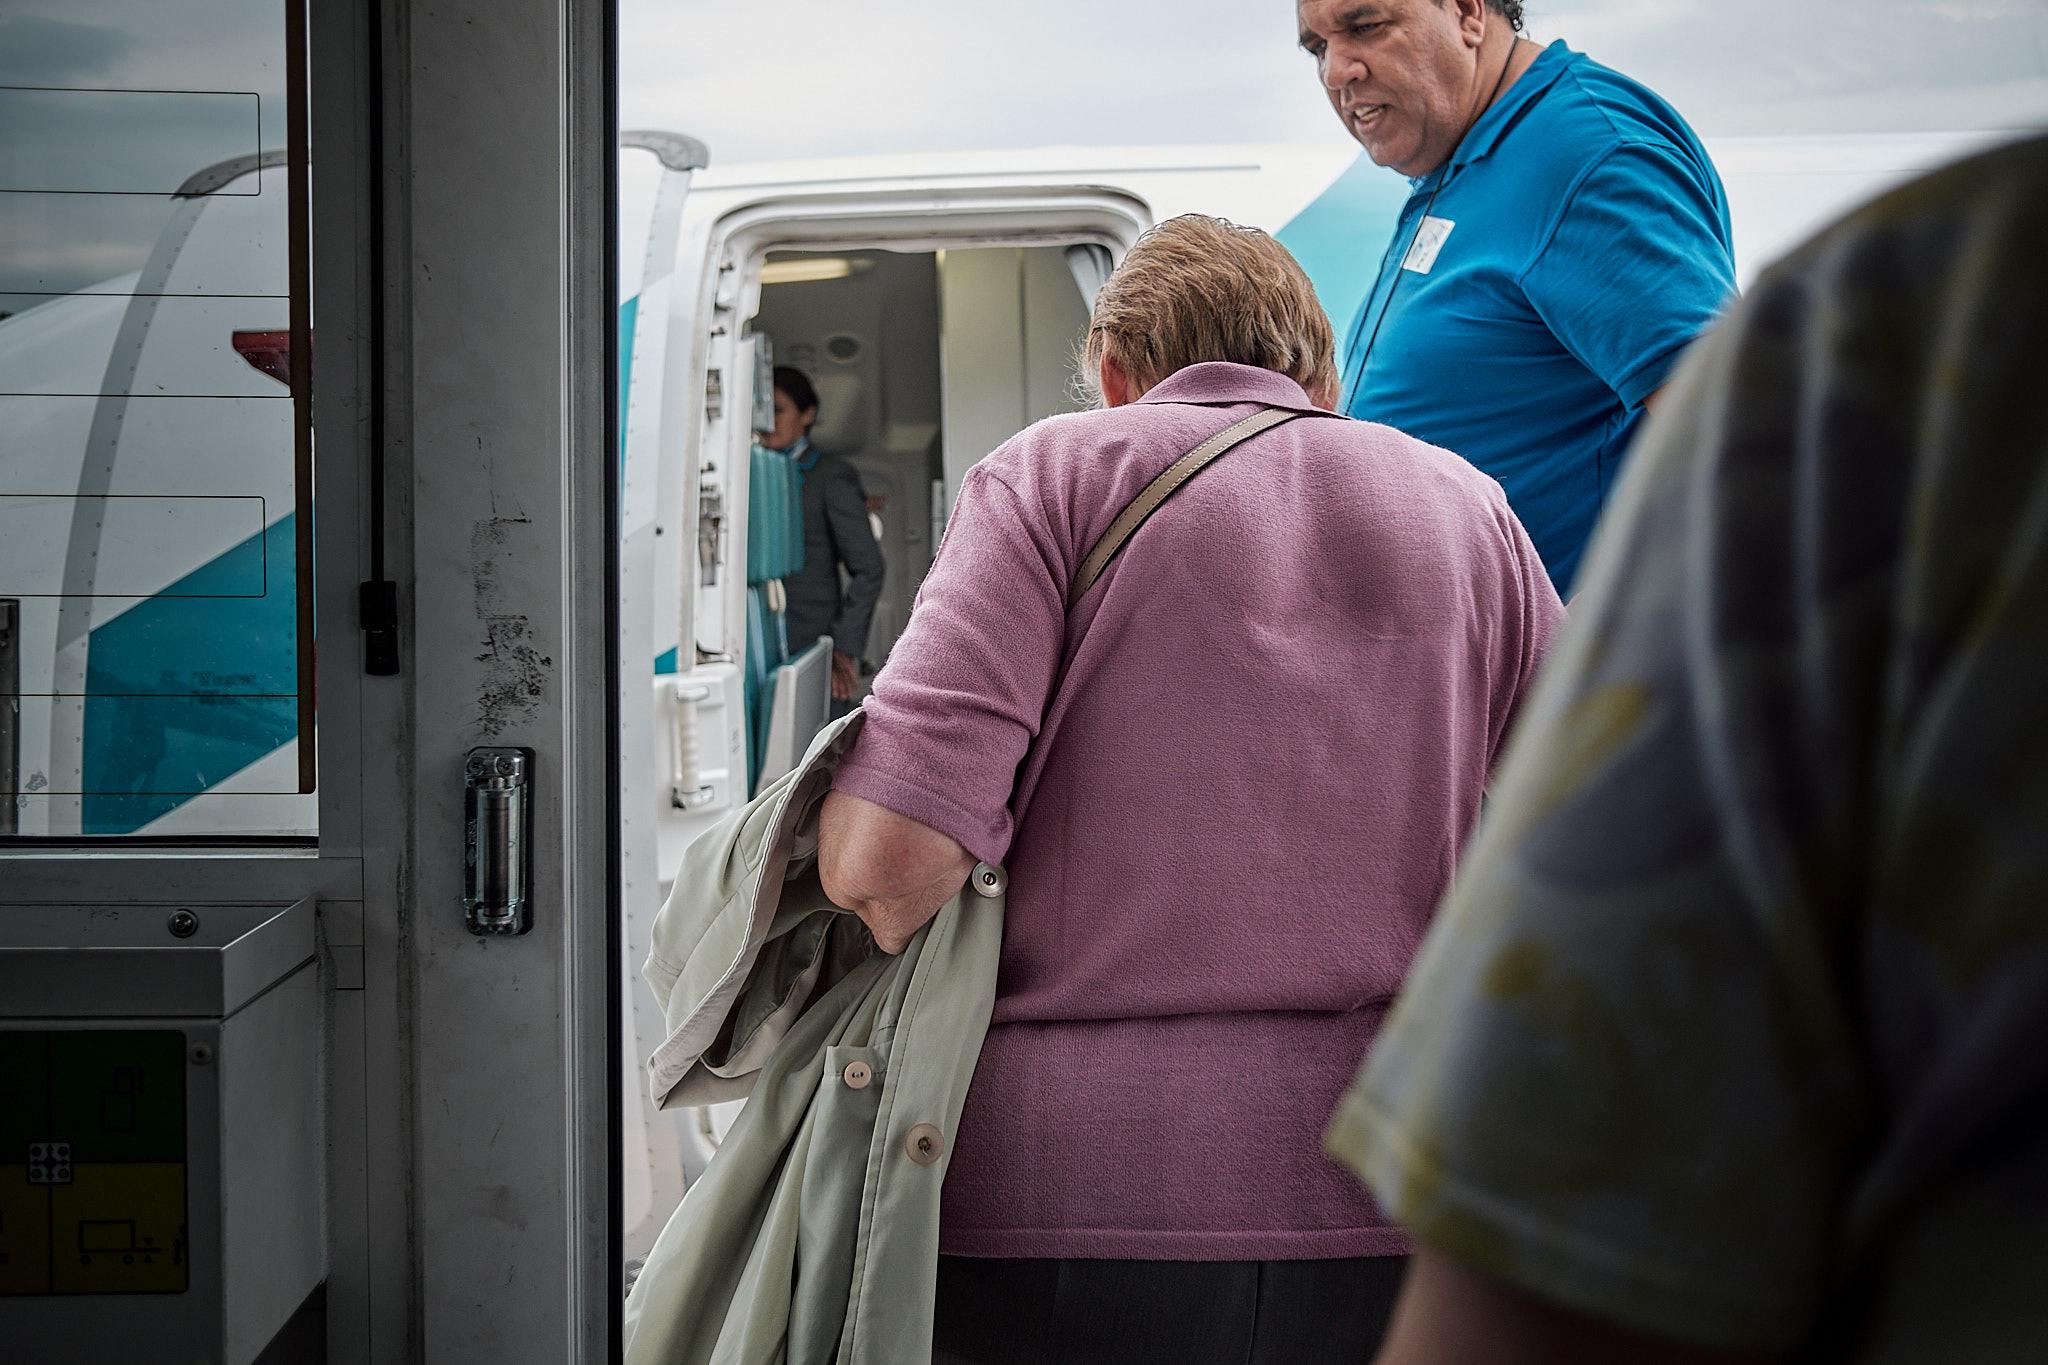 La nonna sta salendo nel suo primo aereo, scortata da un Sansone di due metri… Che servizio!